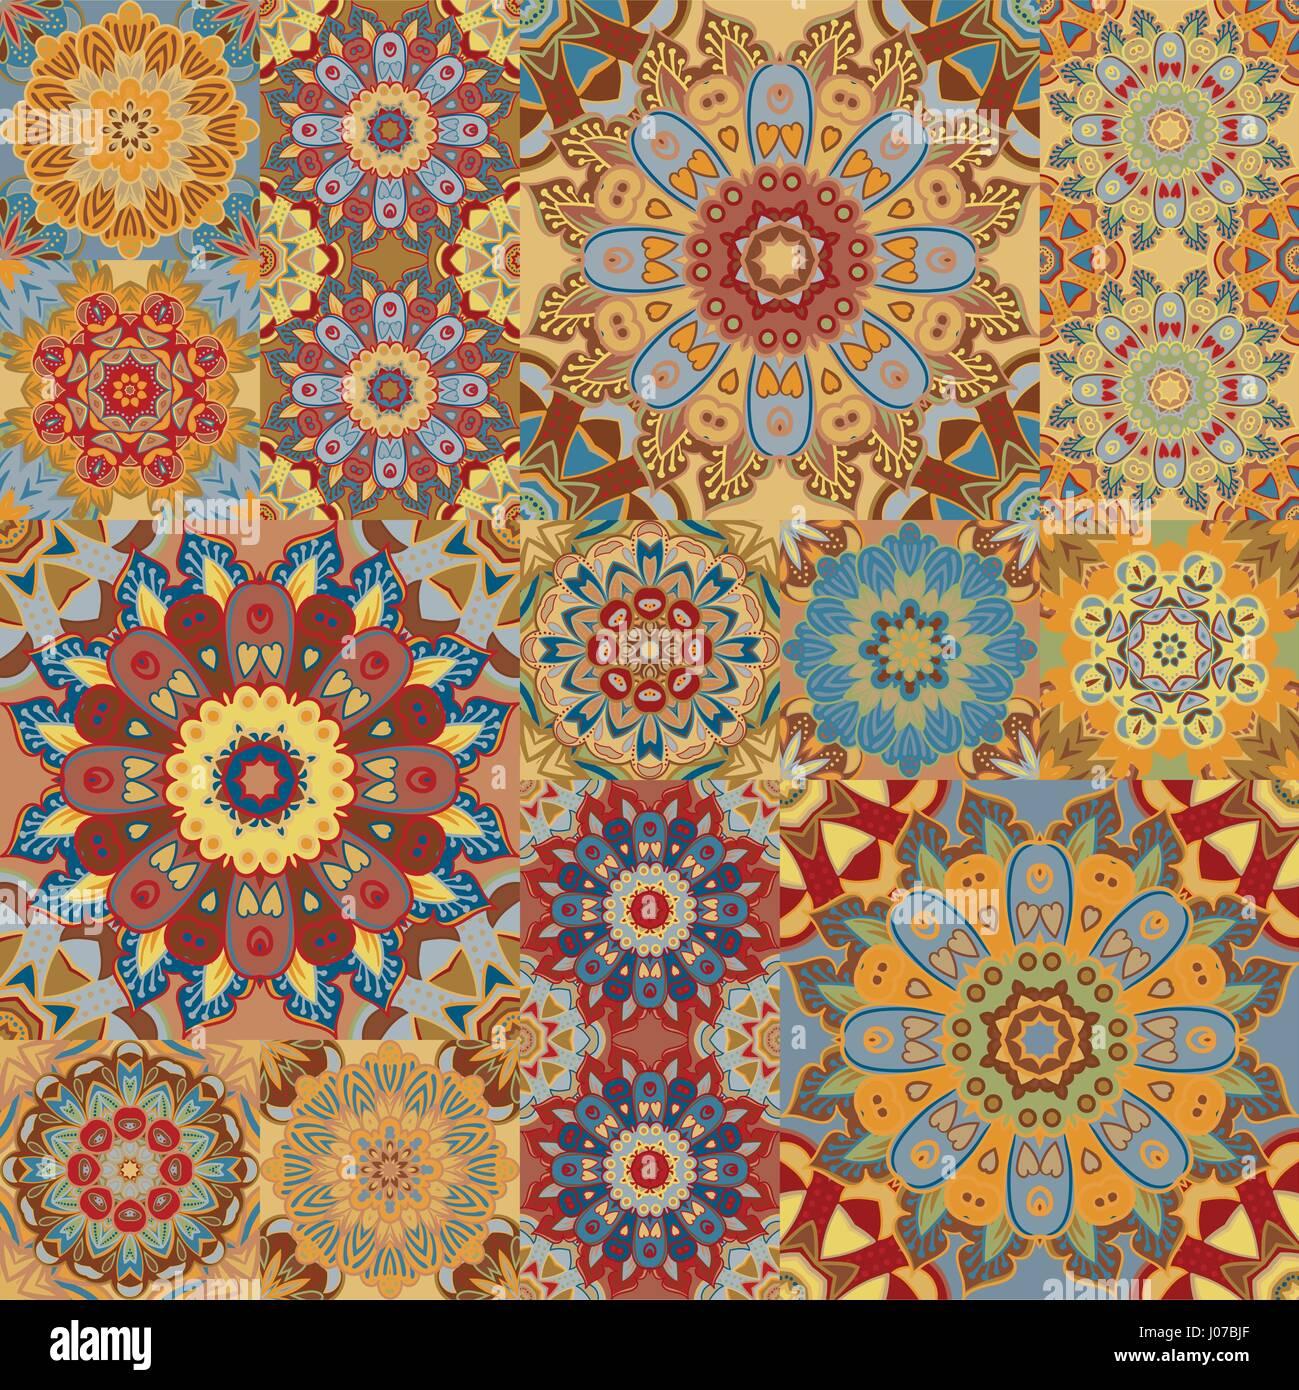 boho tile set und nahtlose muster braun patchwork fr print stoff tapete modische textilien quadratische design elemente ungewhnliche blume ornament - Boho Muster